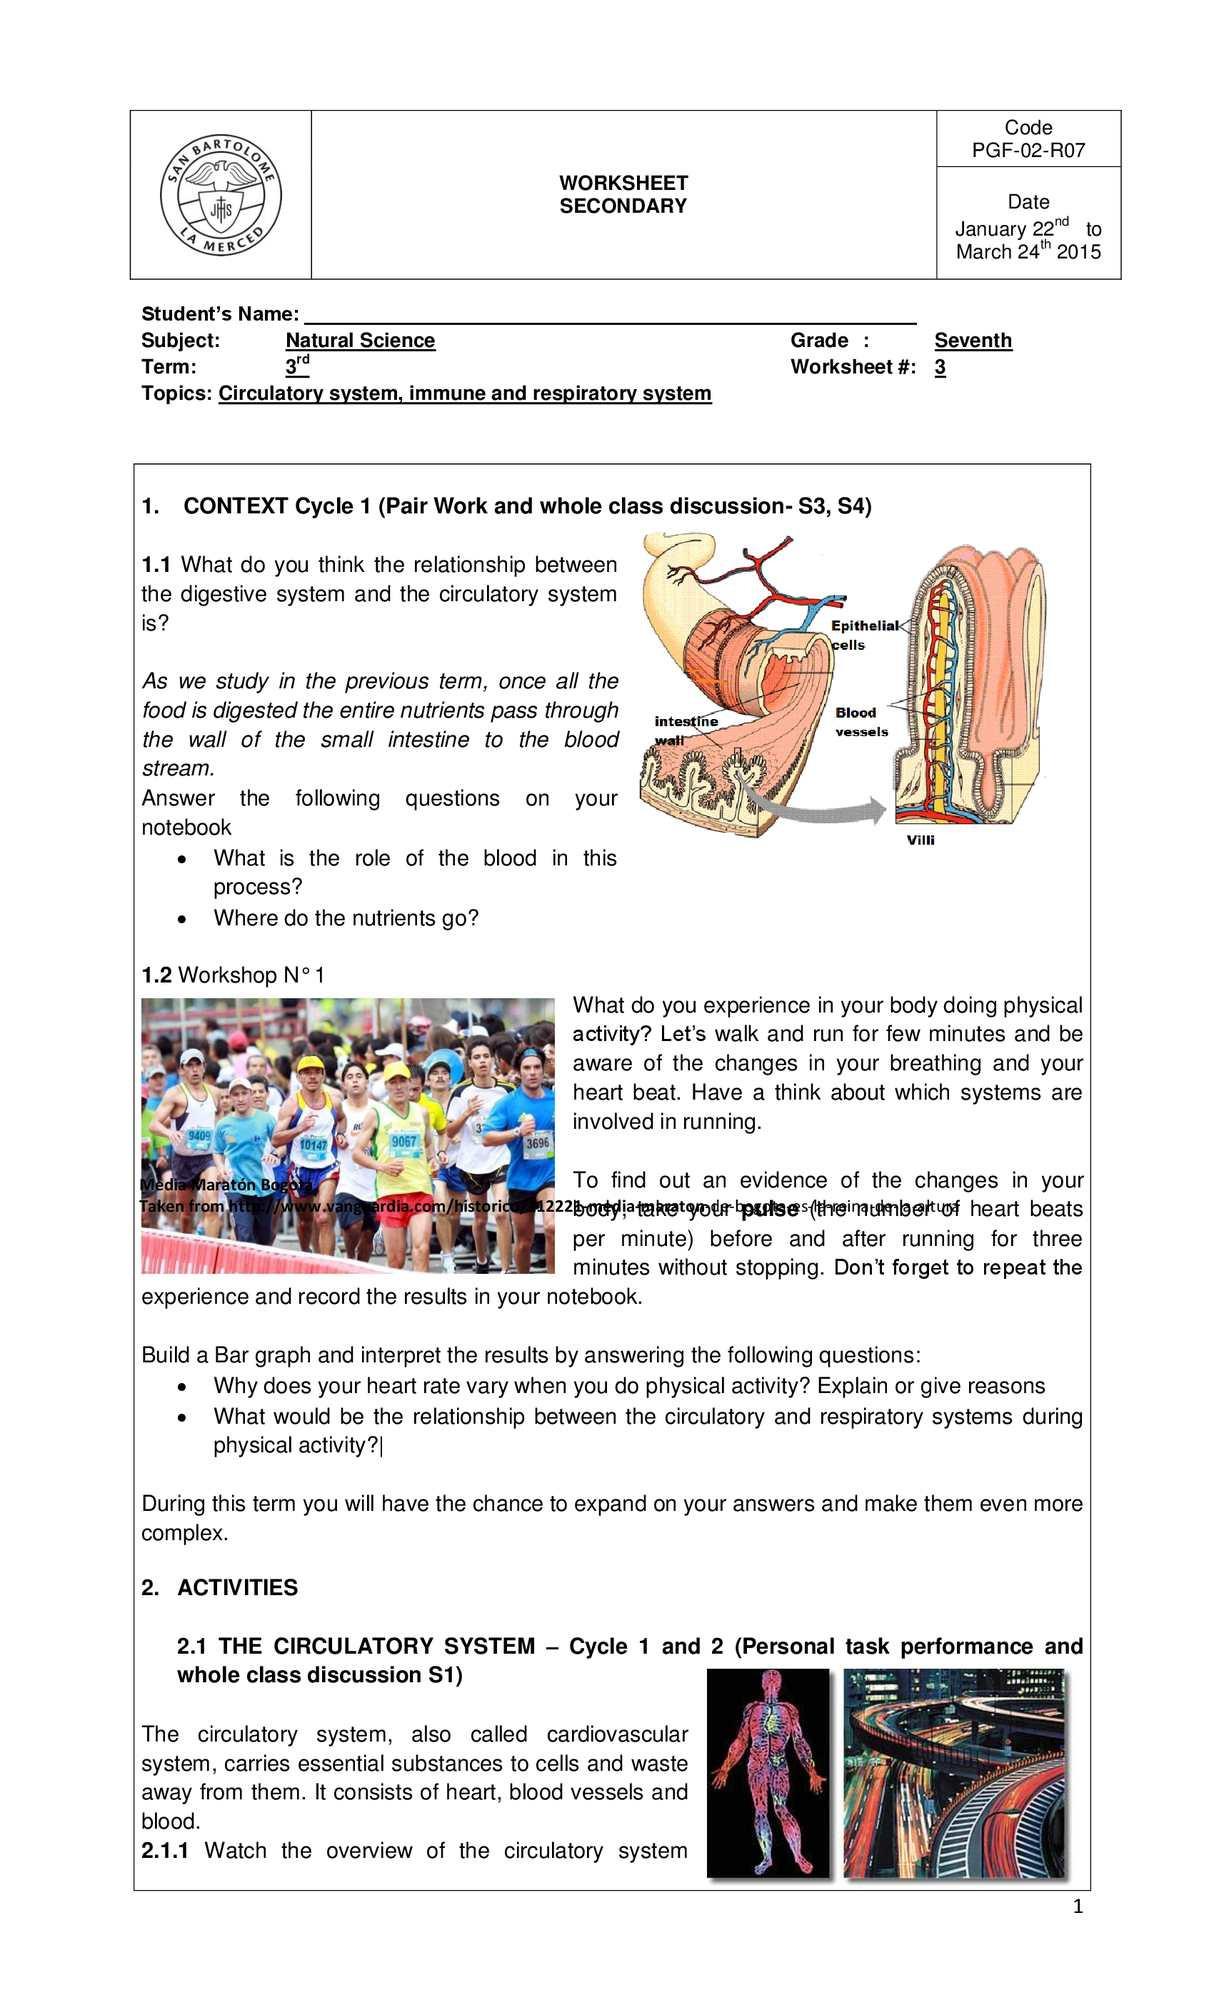 The Circulatory System Worksheet Calaméo Third Term Worksheet 1